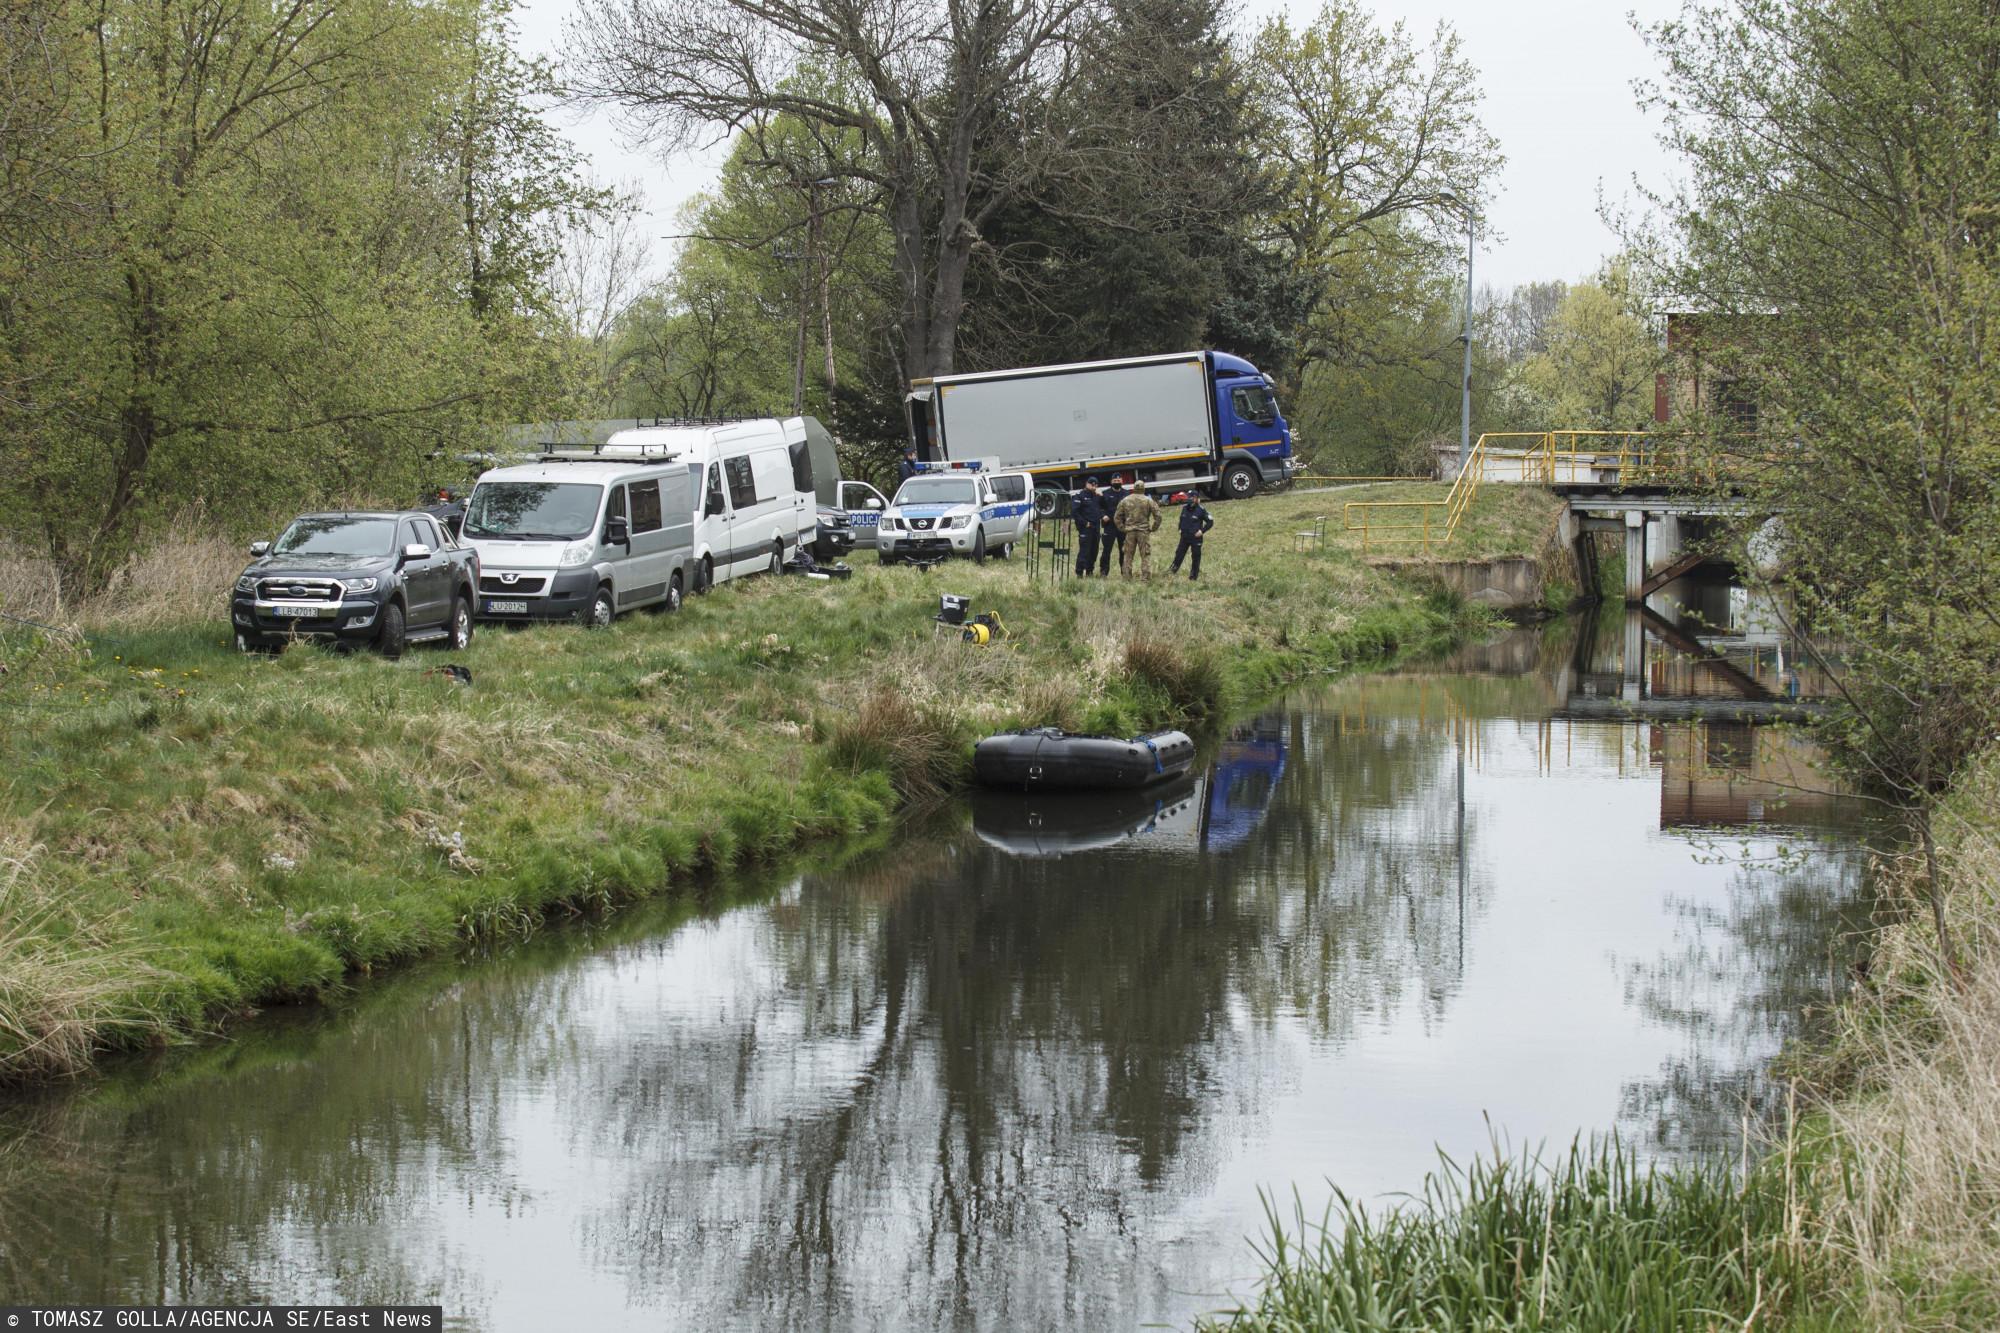 Od rana przeszukiwano rzekę i Nowogrodziec. Policja przekazała smutne informacje o Kacperku